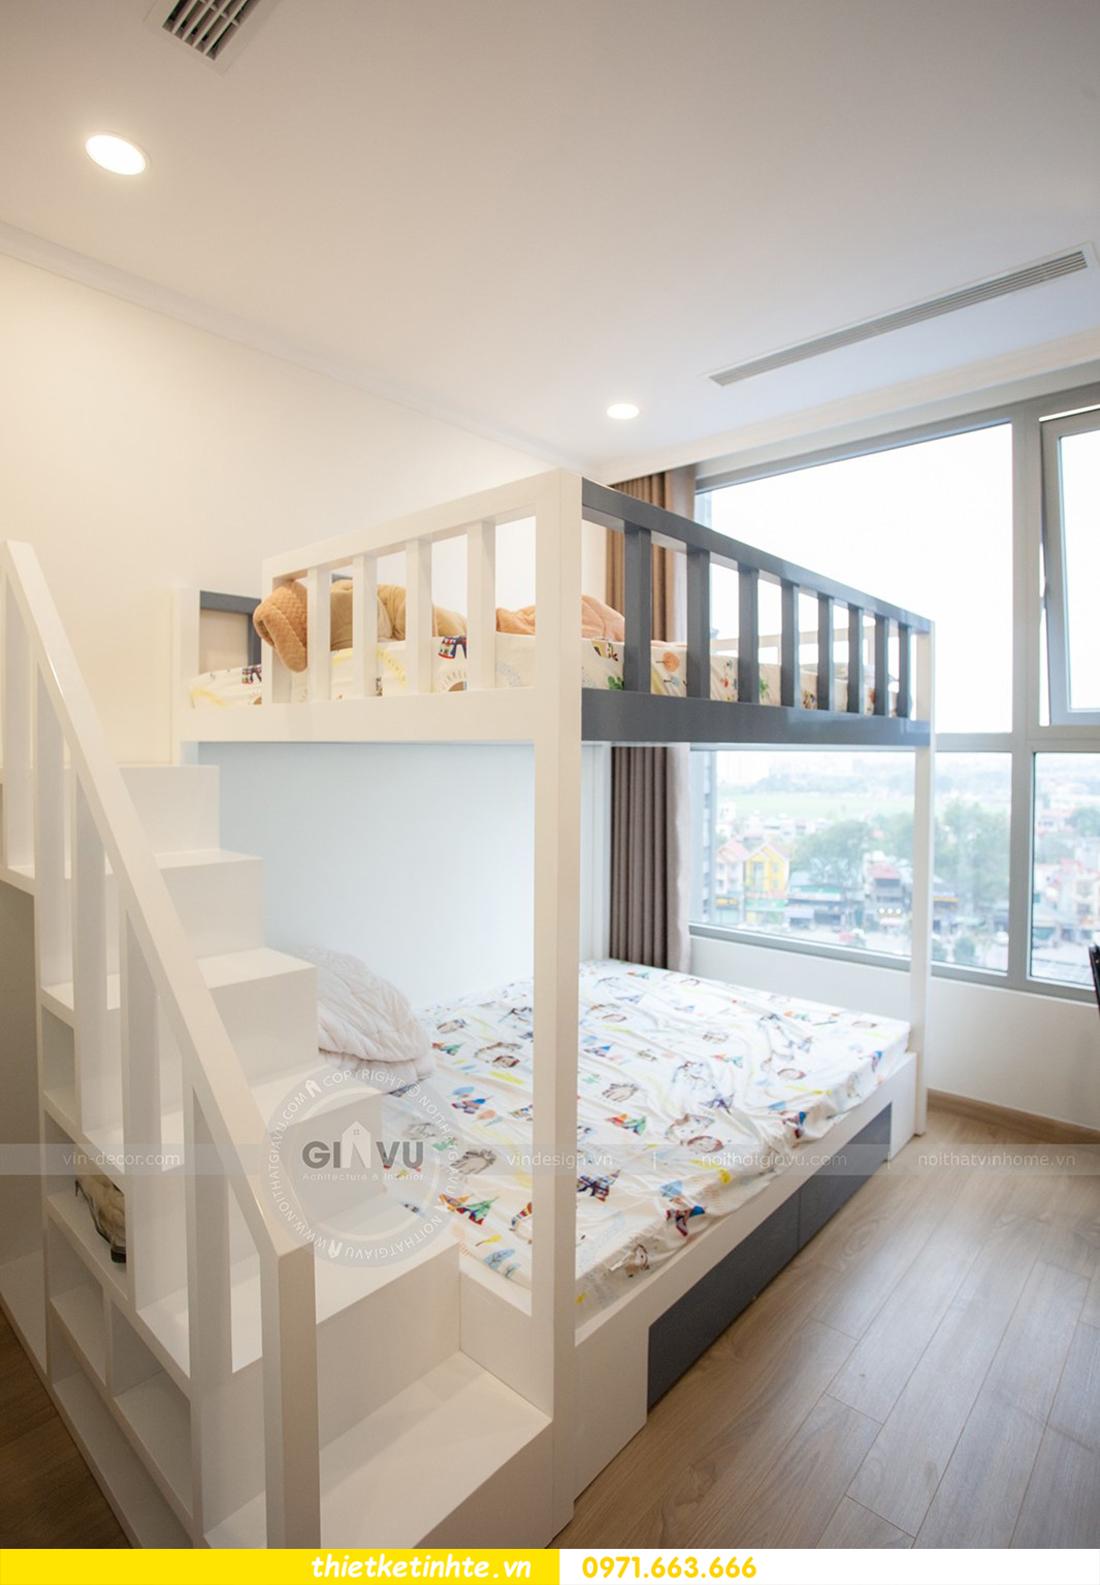 hoàn thiện nội thất căn hộ Vinhomes Gardenia tòa A2 căn 03 anh Hưởng 12